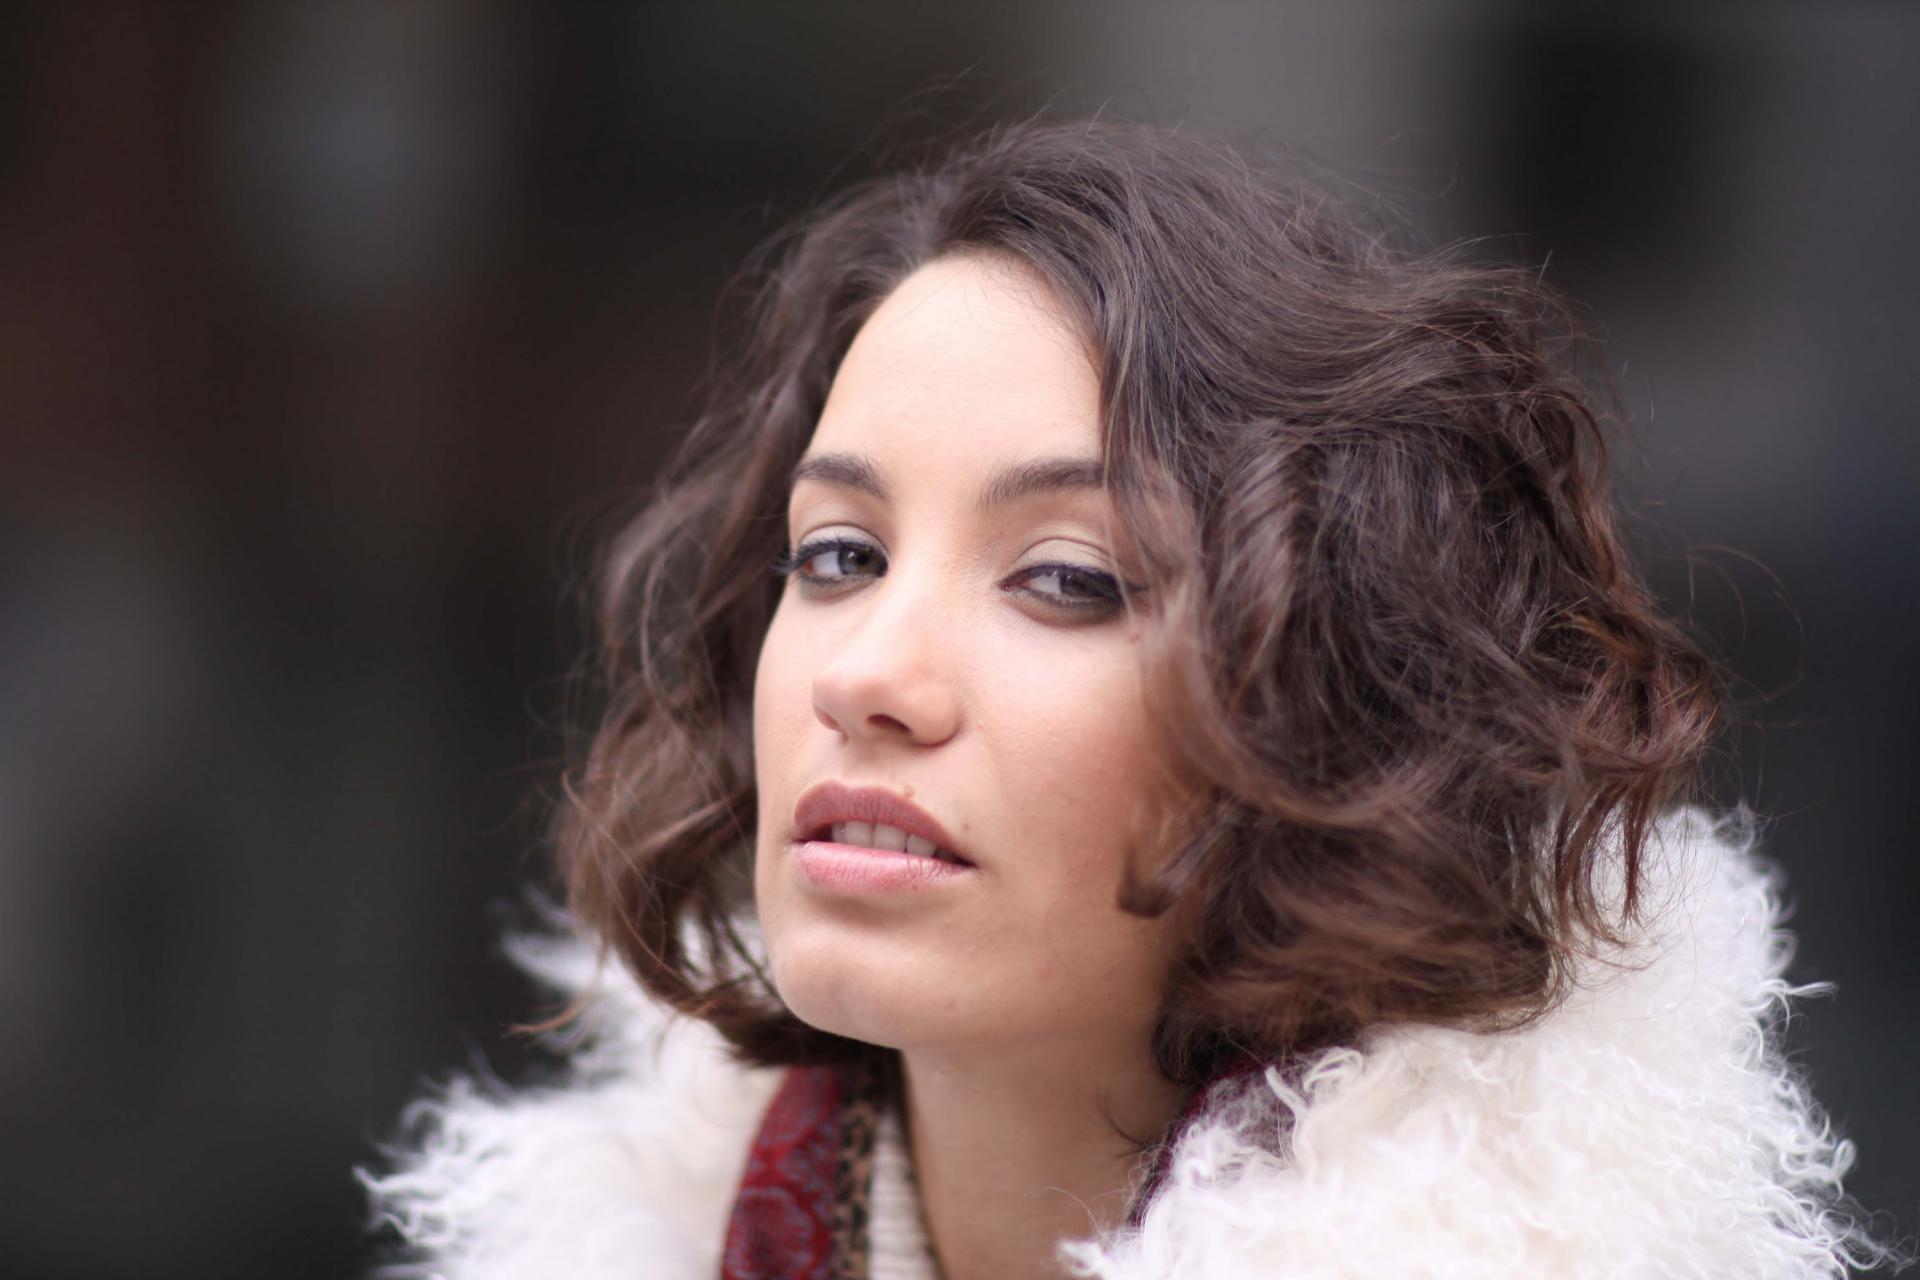 Виктория Дайнеко в стильном костюме посетила модный показ